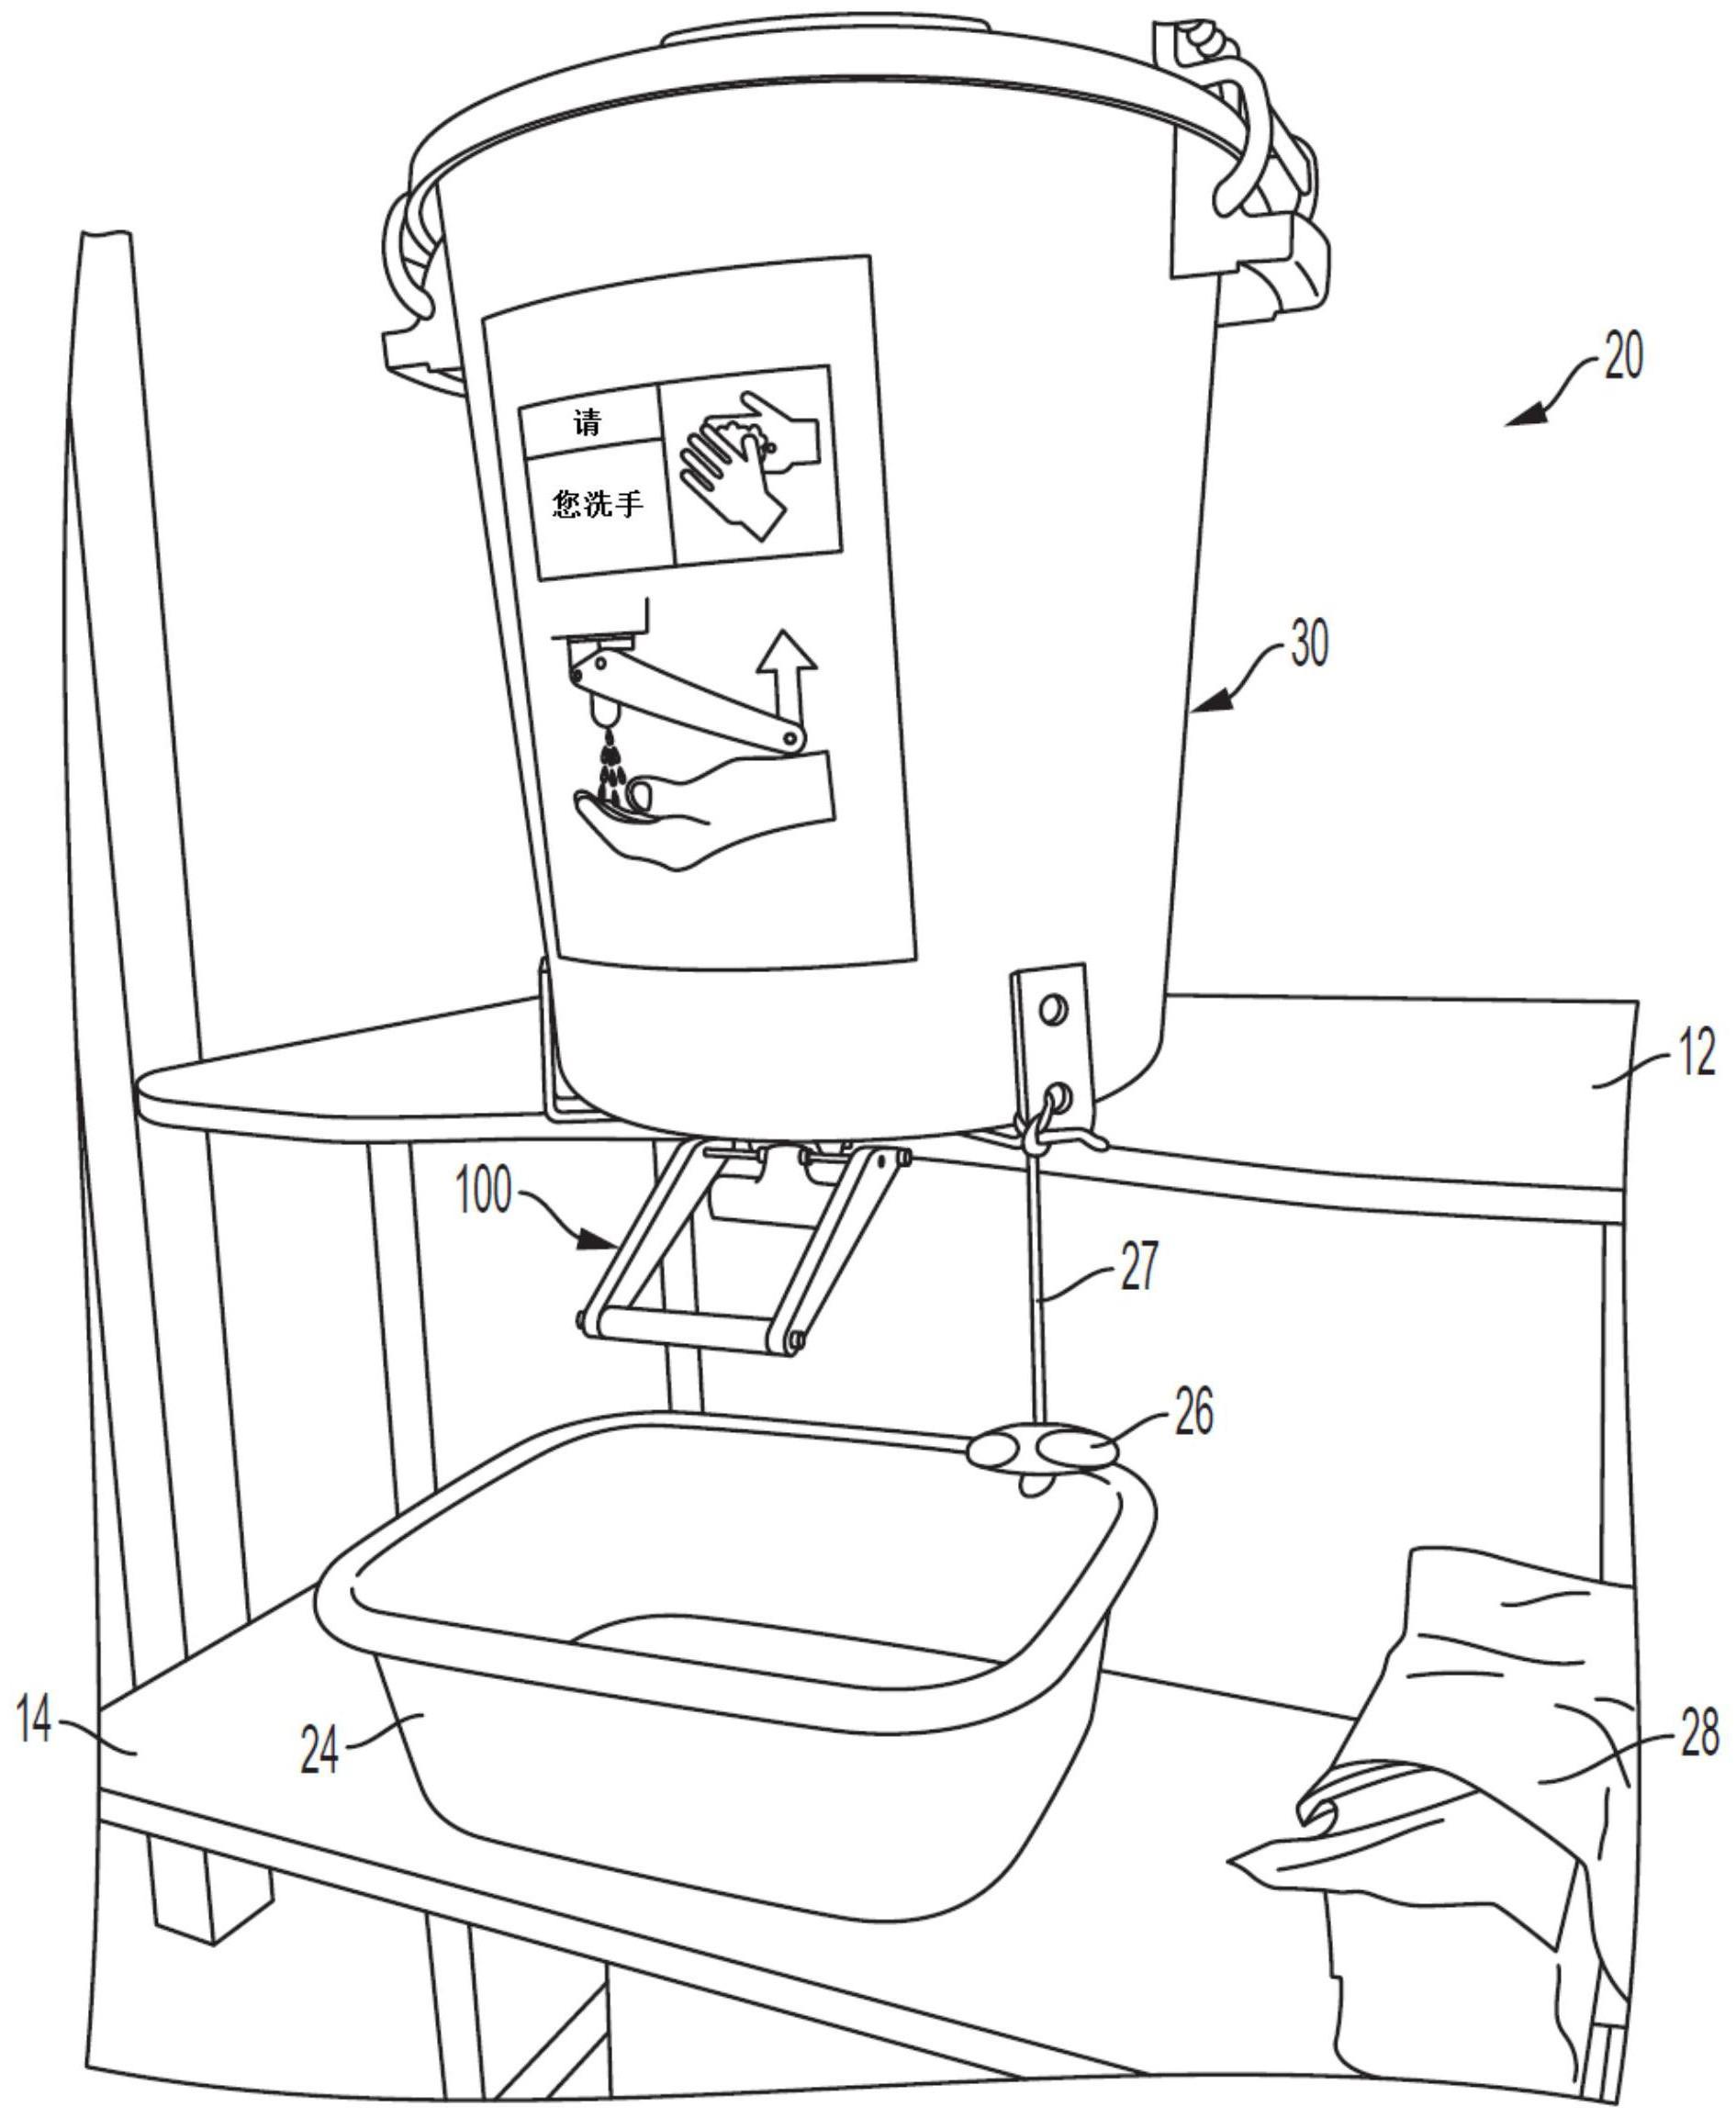 洗手阀结构